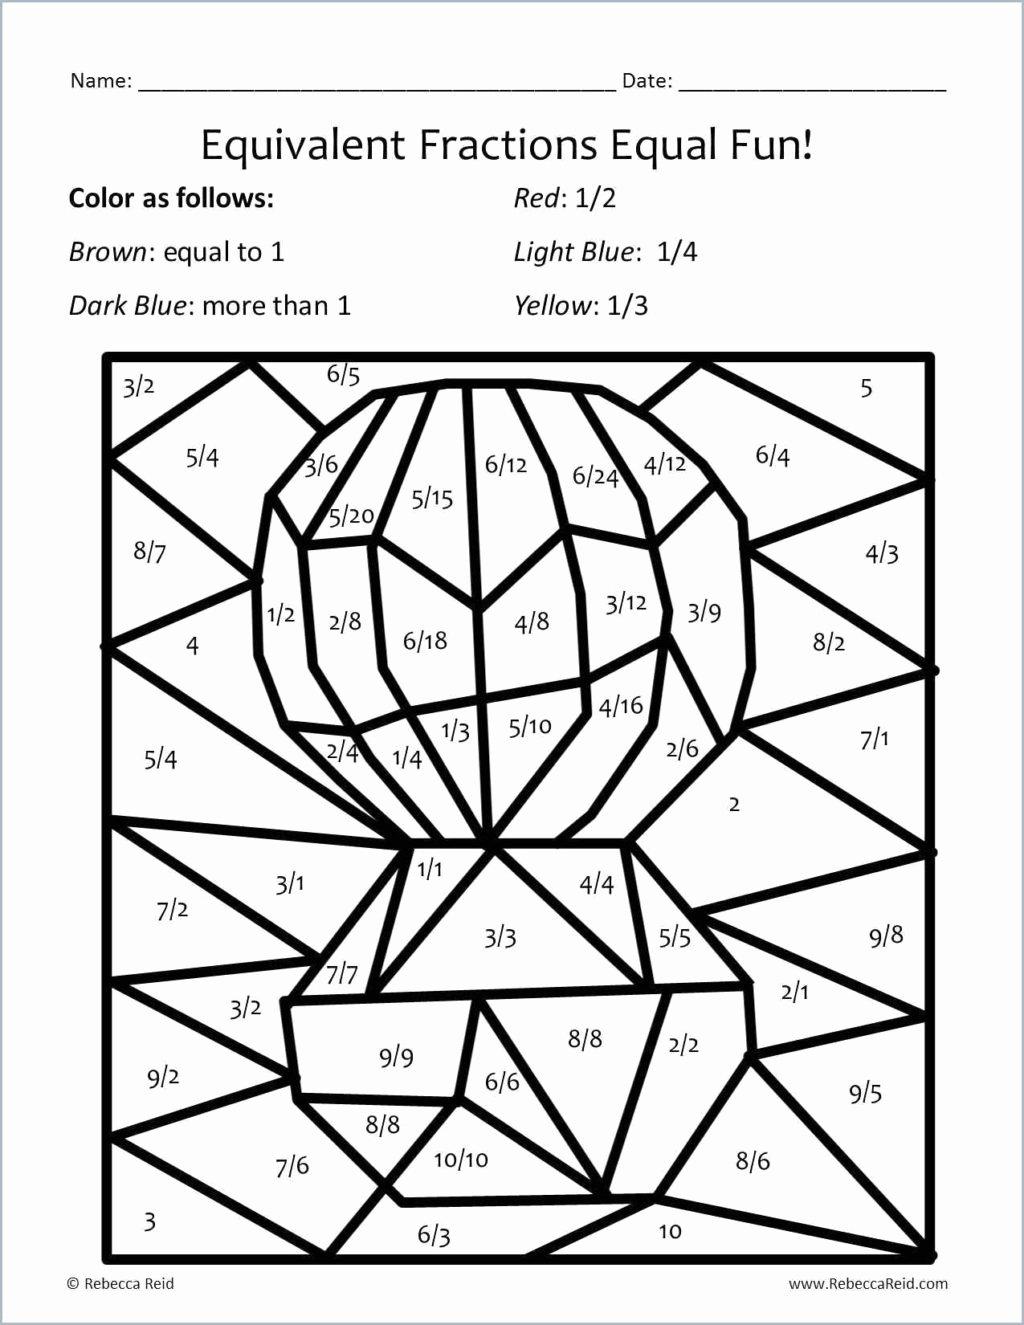 Consonant Blends Worksheets 3rd Grade Fresh Worksheet 2nd Grade Math Worksheets Consonant Blends 3rd